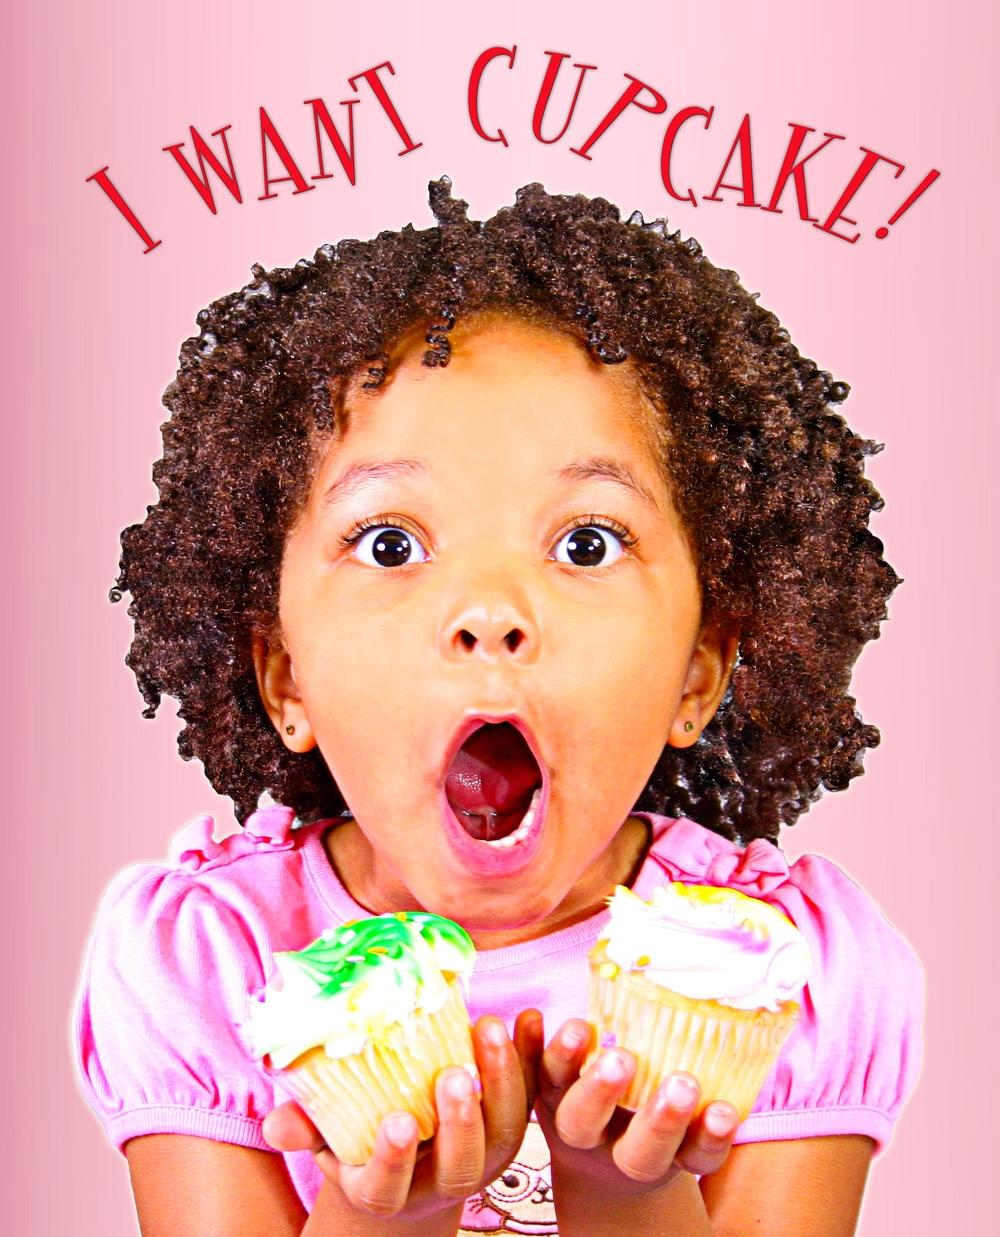 CupcakeCamp Memphis - I Want Cupcake